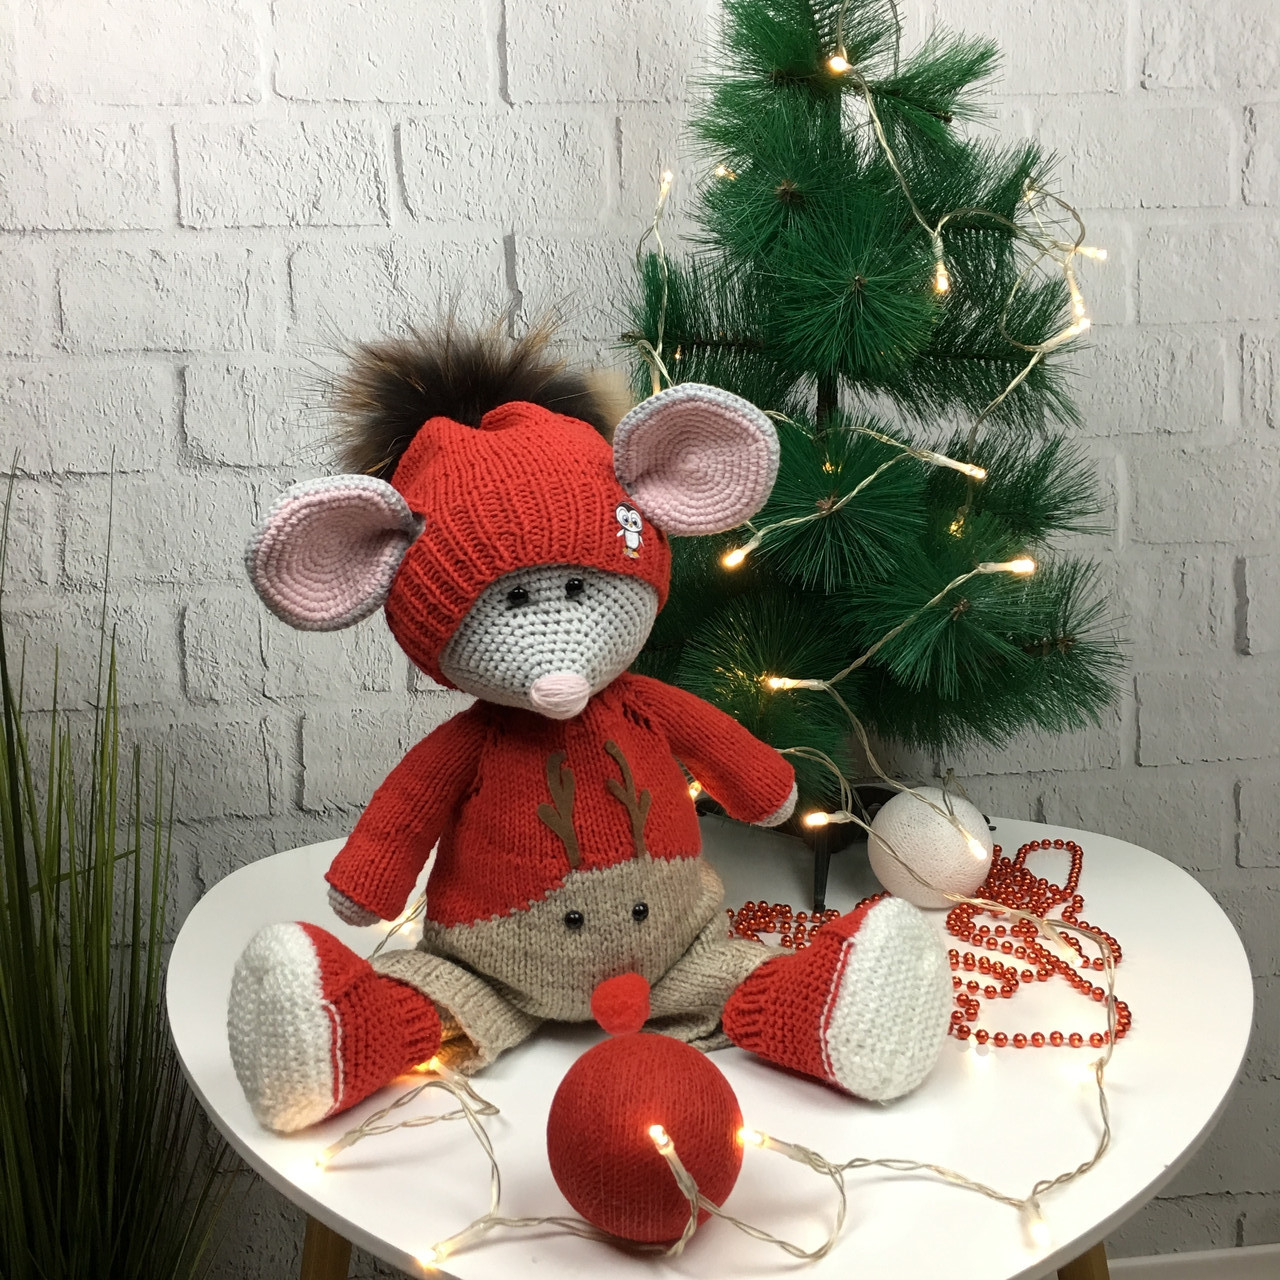 Мягкая детская игрушка ручной работы «Милый мышонок»